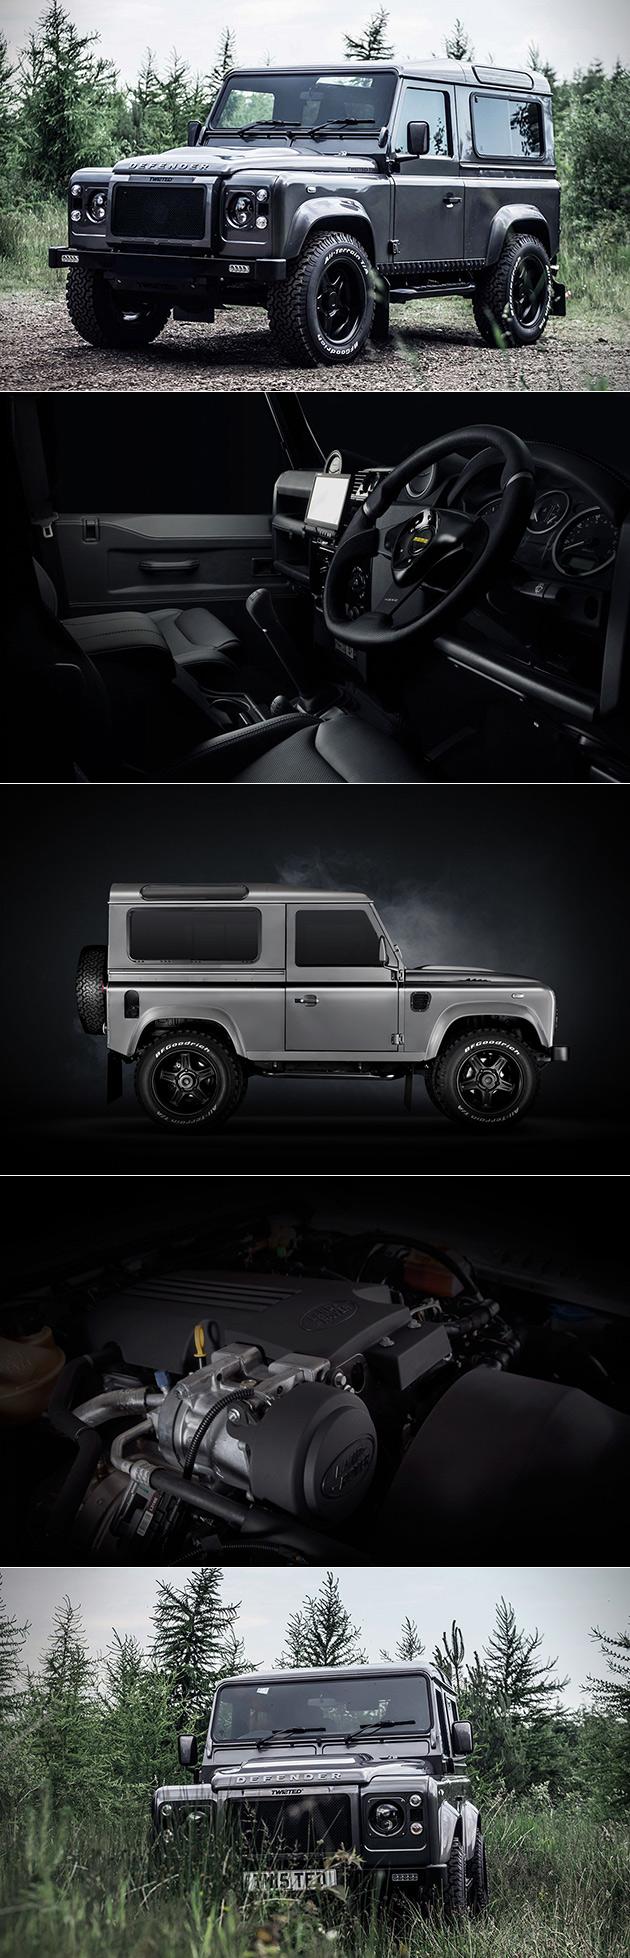 Tordu de l'Automobile a Pris un Land Rover Defender 90 et l'a Transformée En Élégante T80